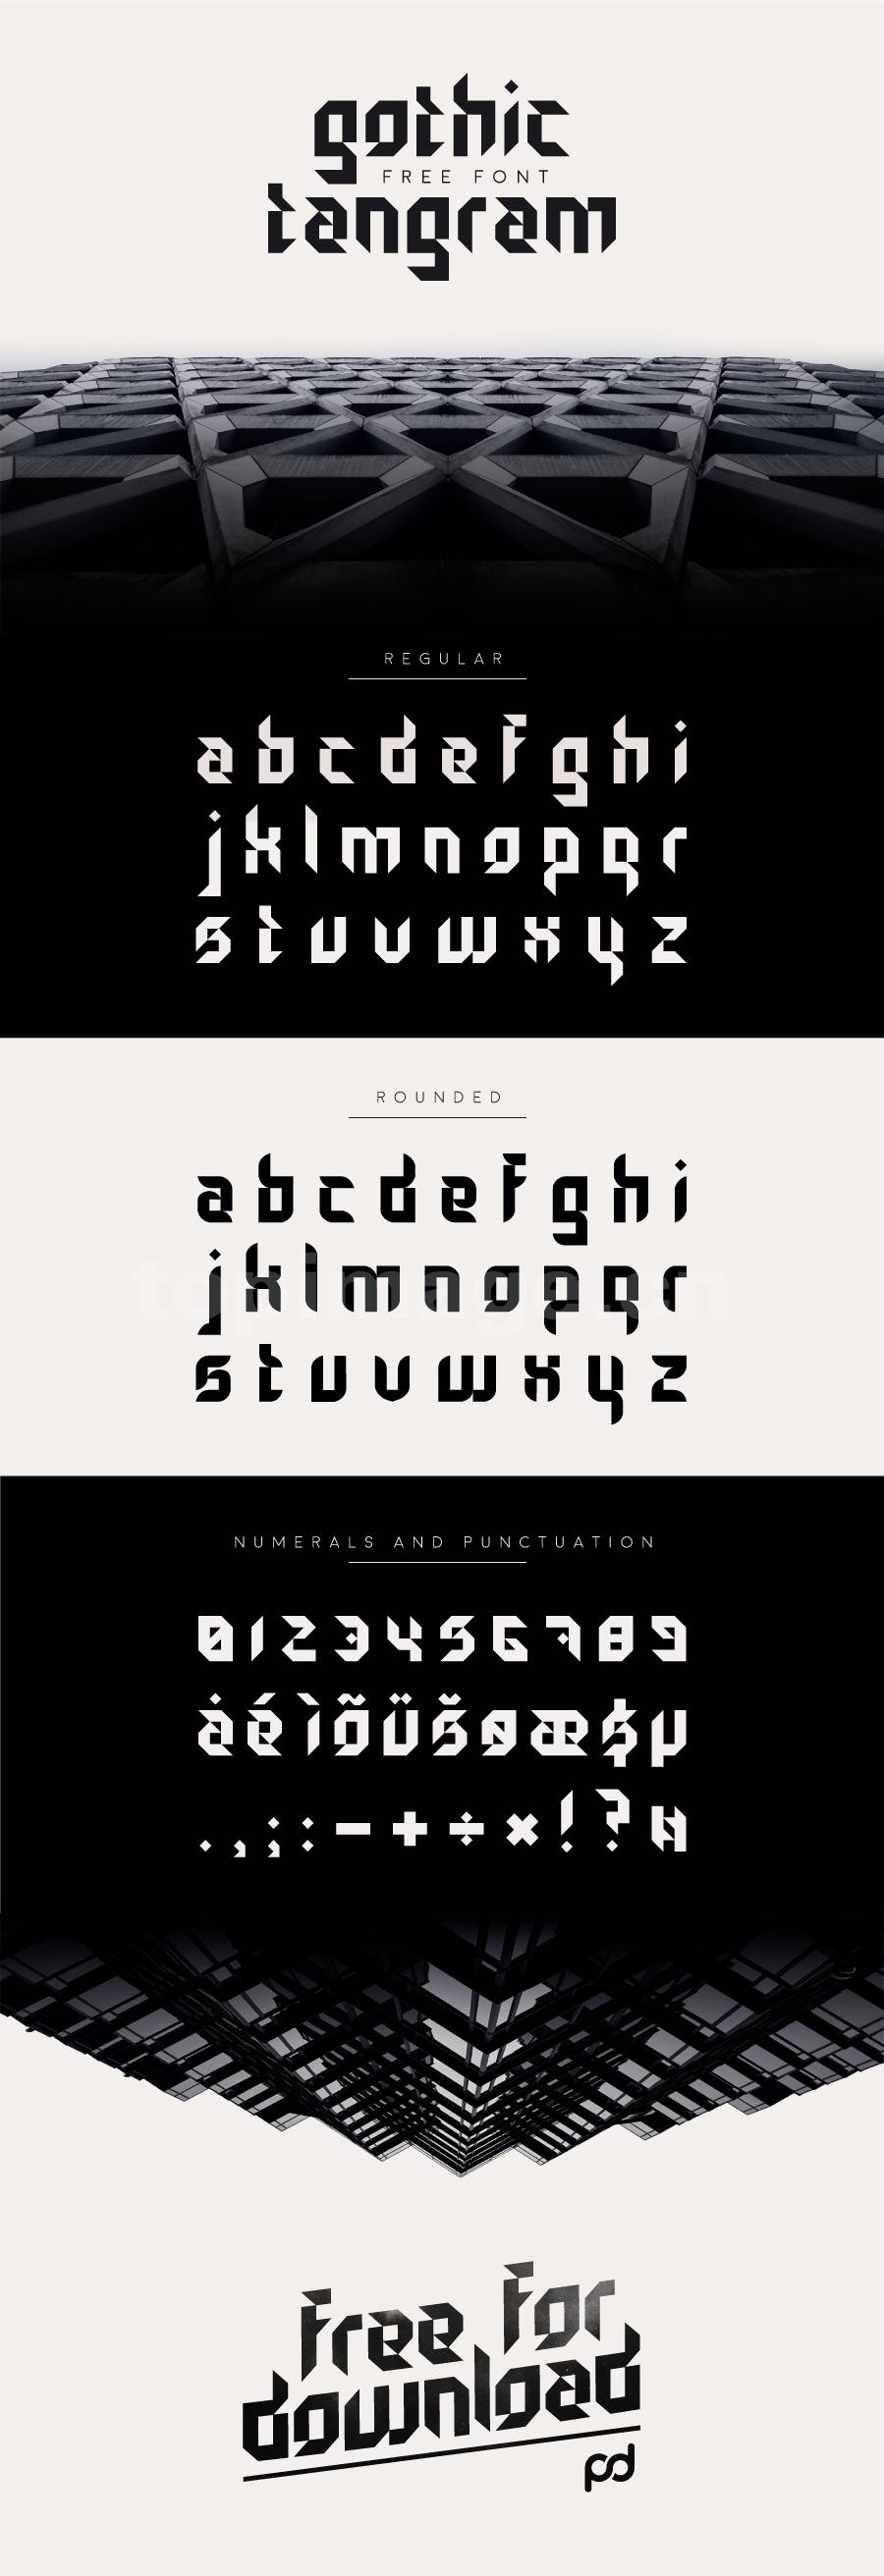 Gothic-Tangram哥特式简约异形个性化英文字体下载